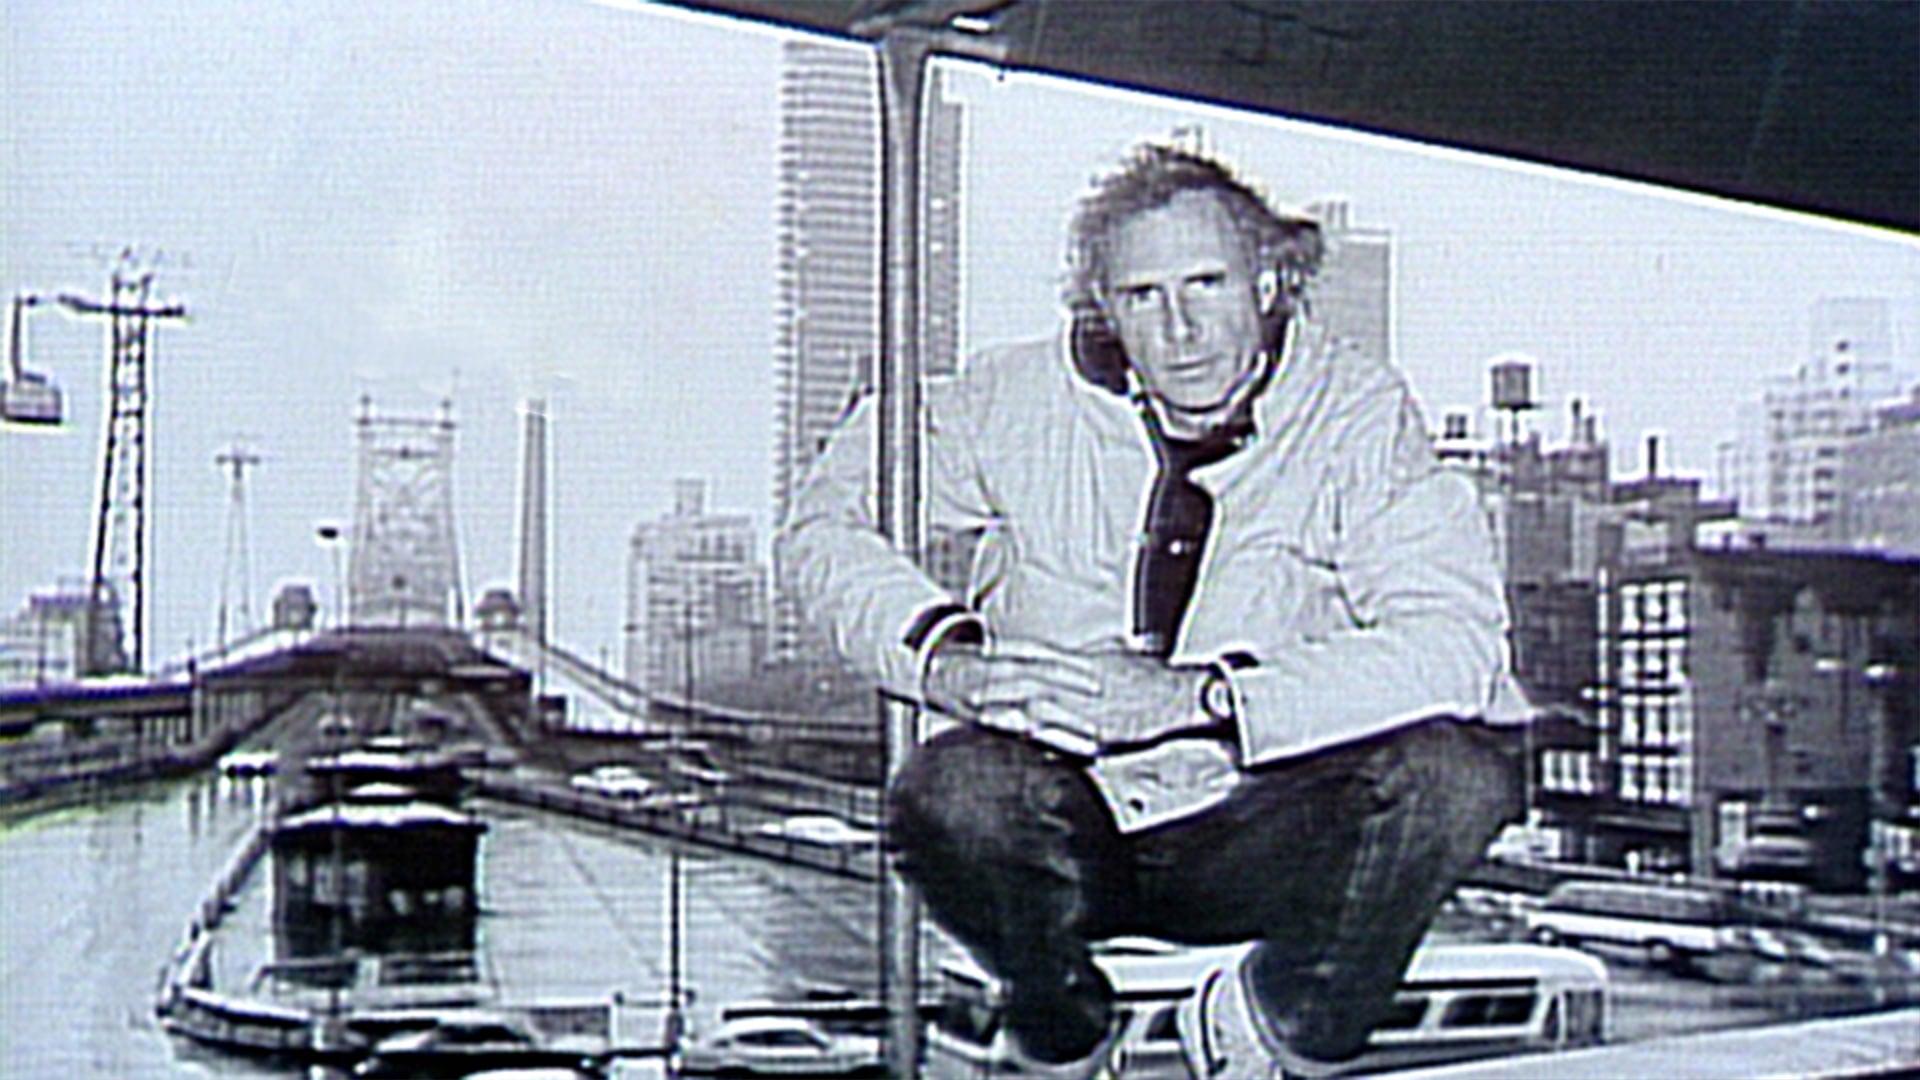 Bruce Dern: March 12, 1983